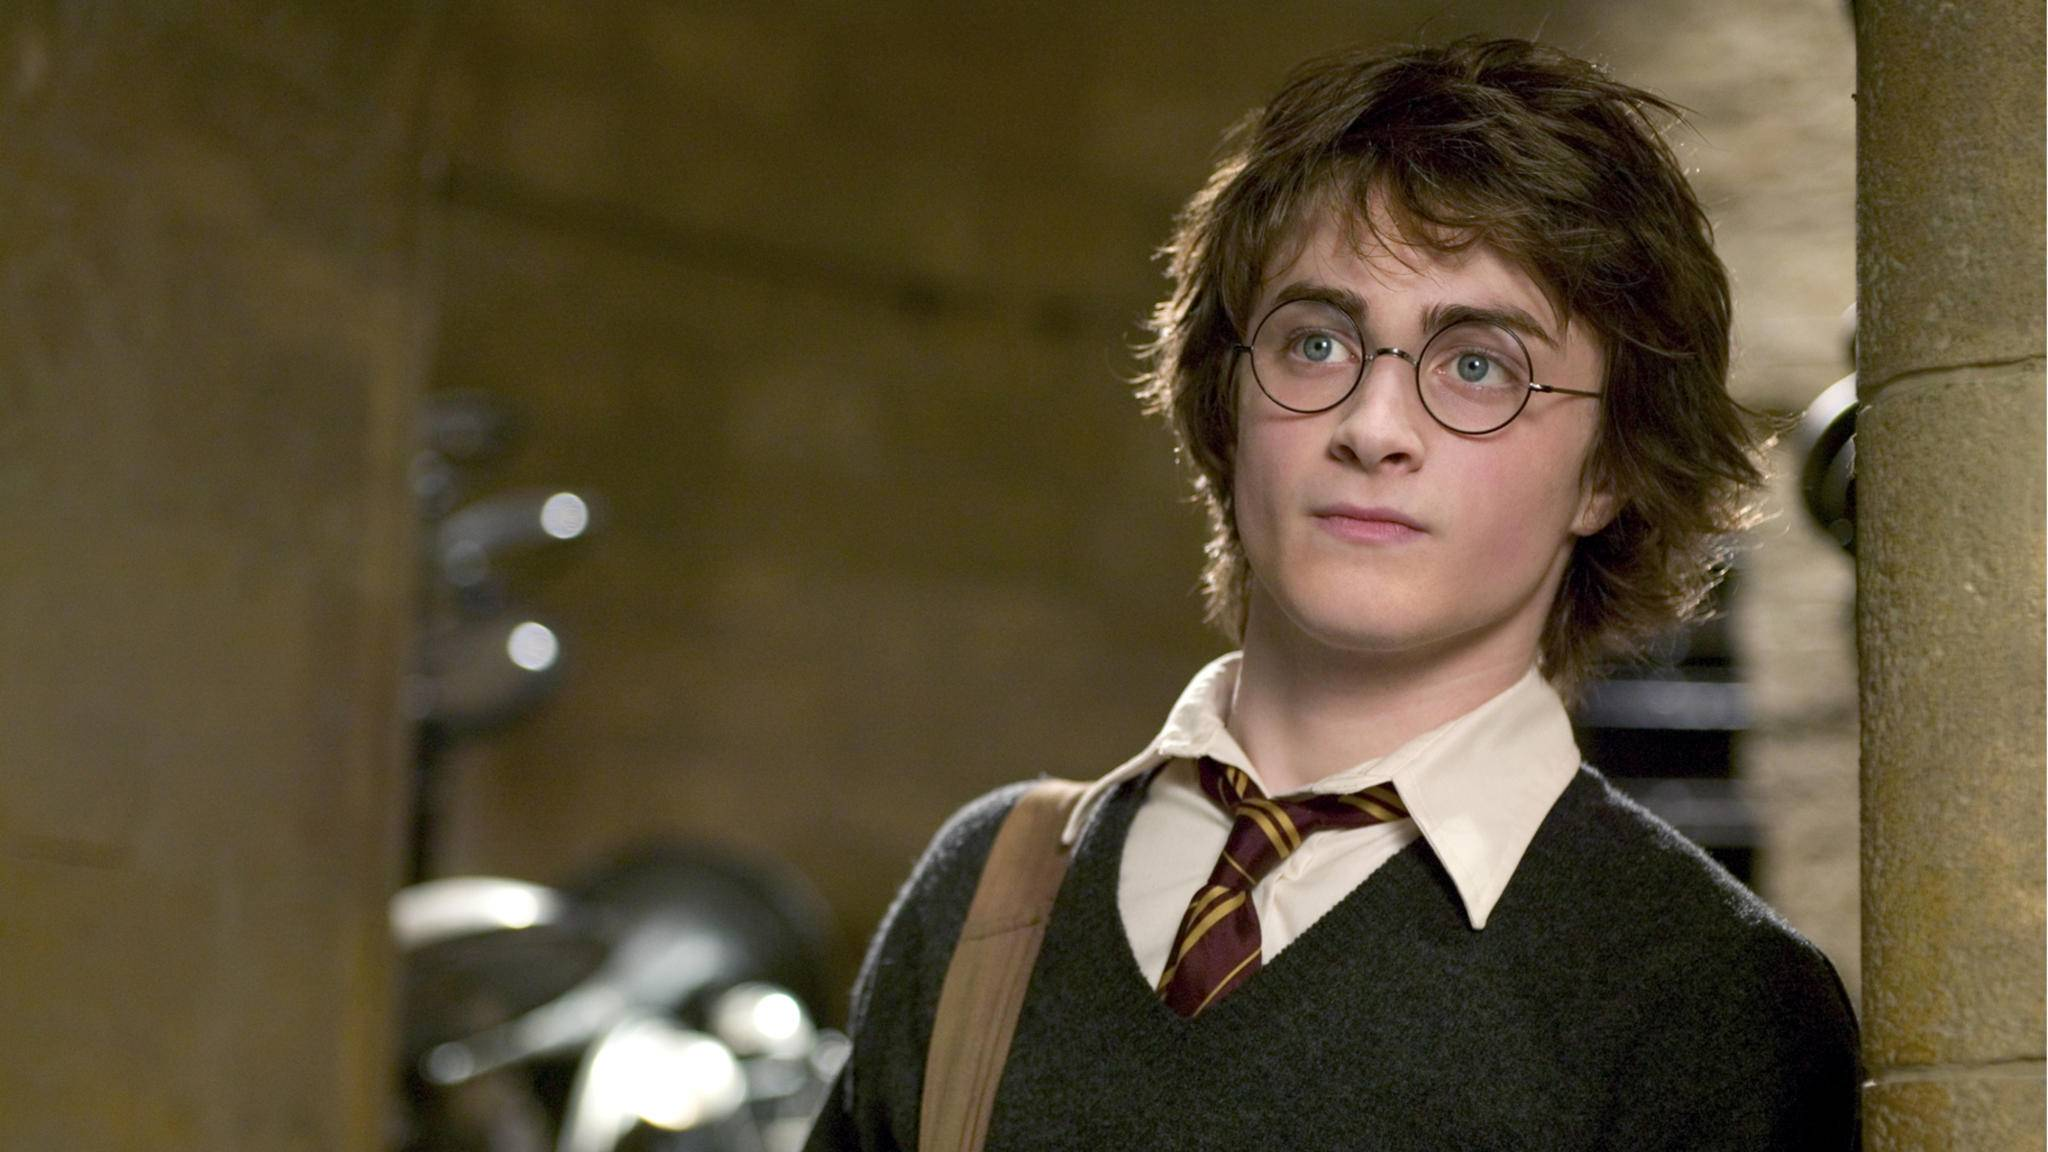 Daniel Radcliffe kritisiert den lapidaren Umgang Warners mit den Vorwürfen gegen Johnny Depp.